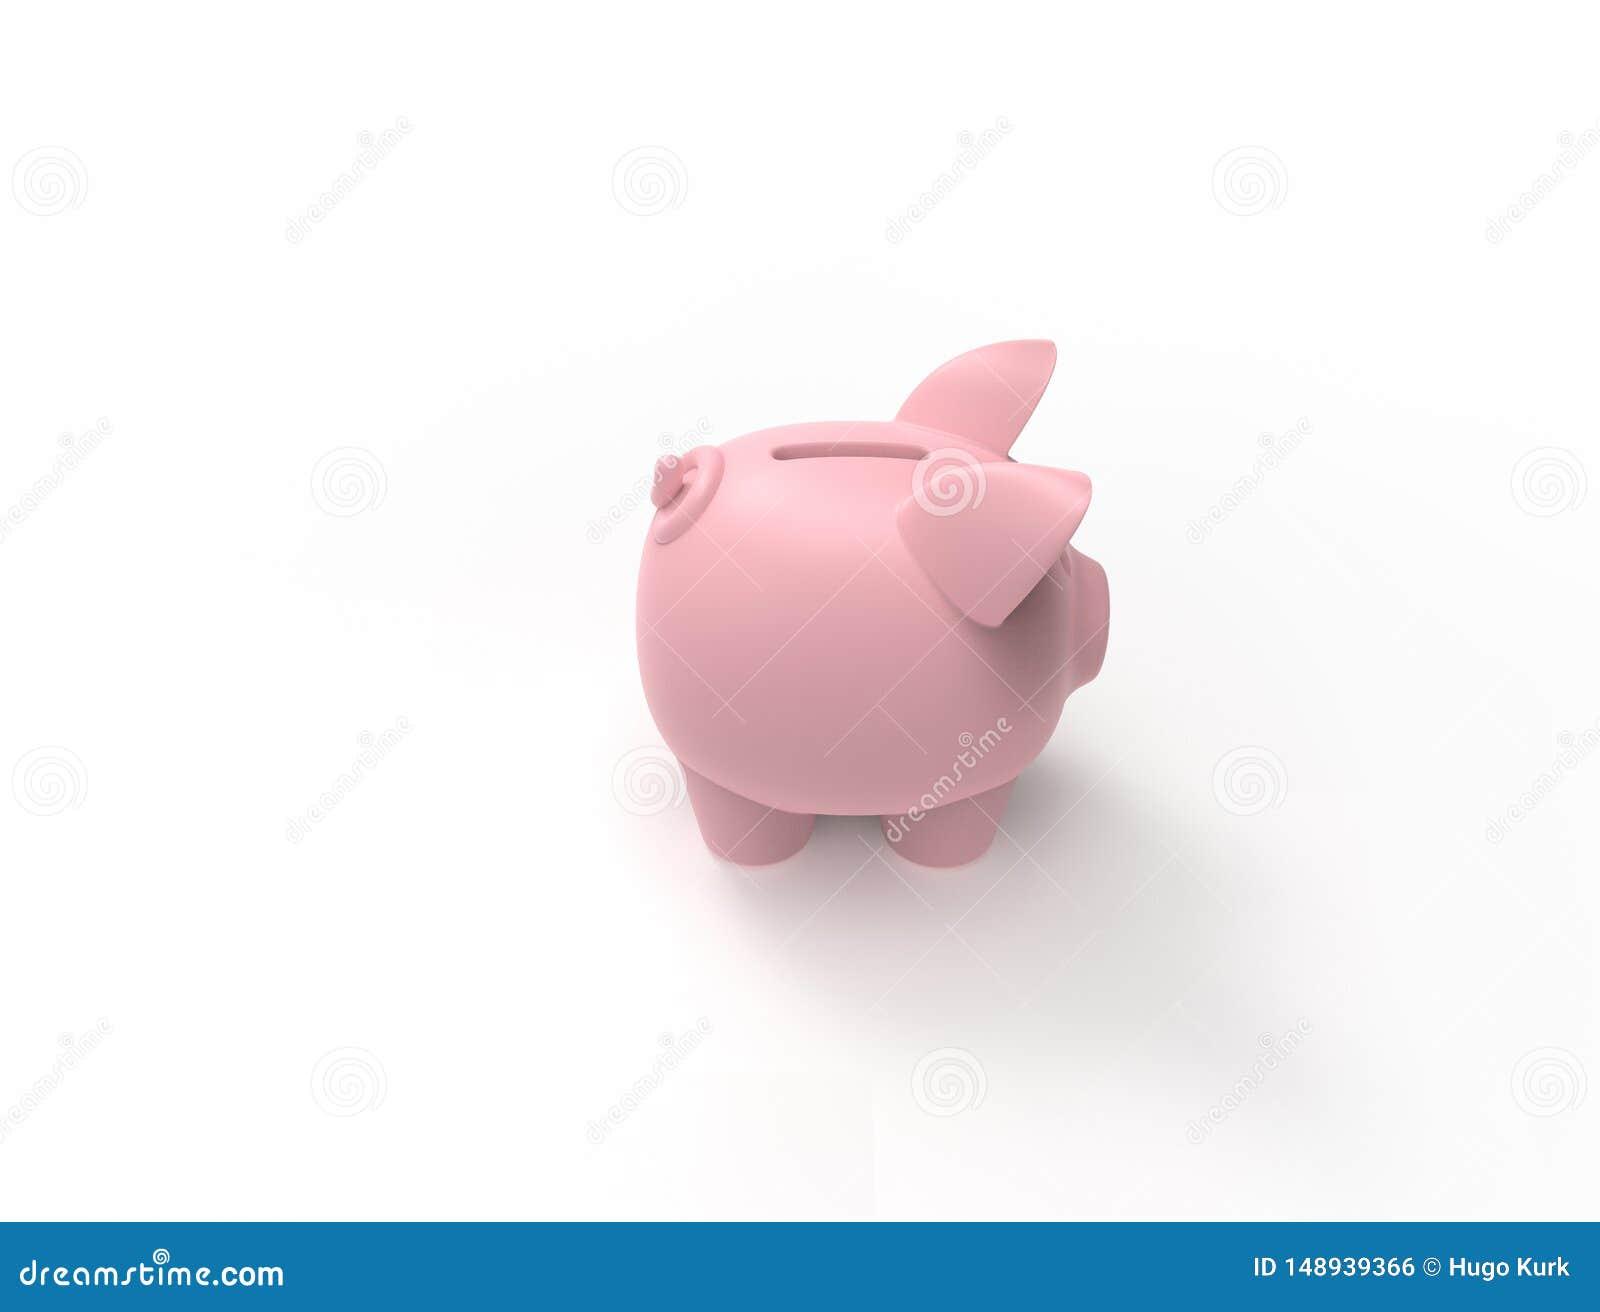 3D在白色背景中隔绝的桃红色存钱罐的翻译